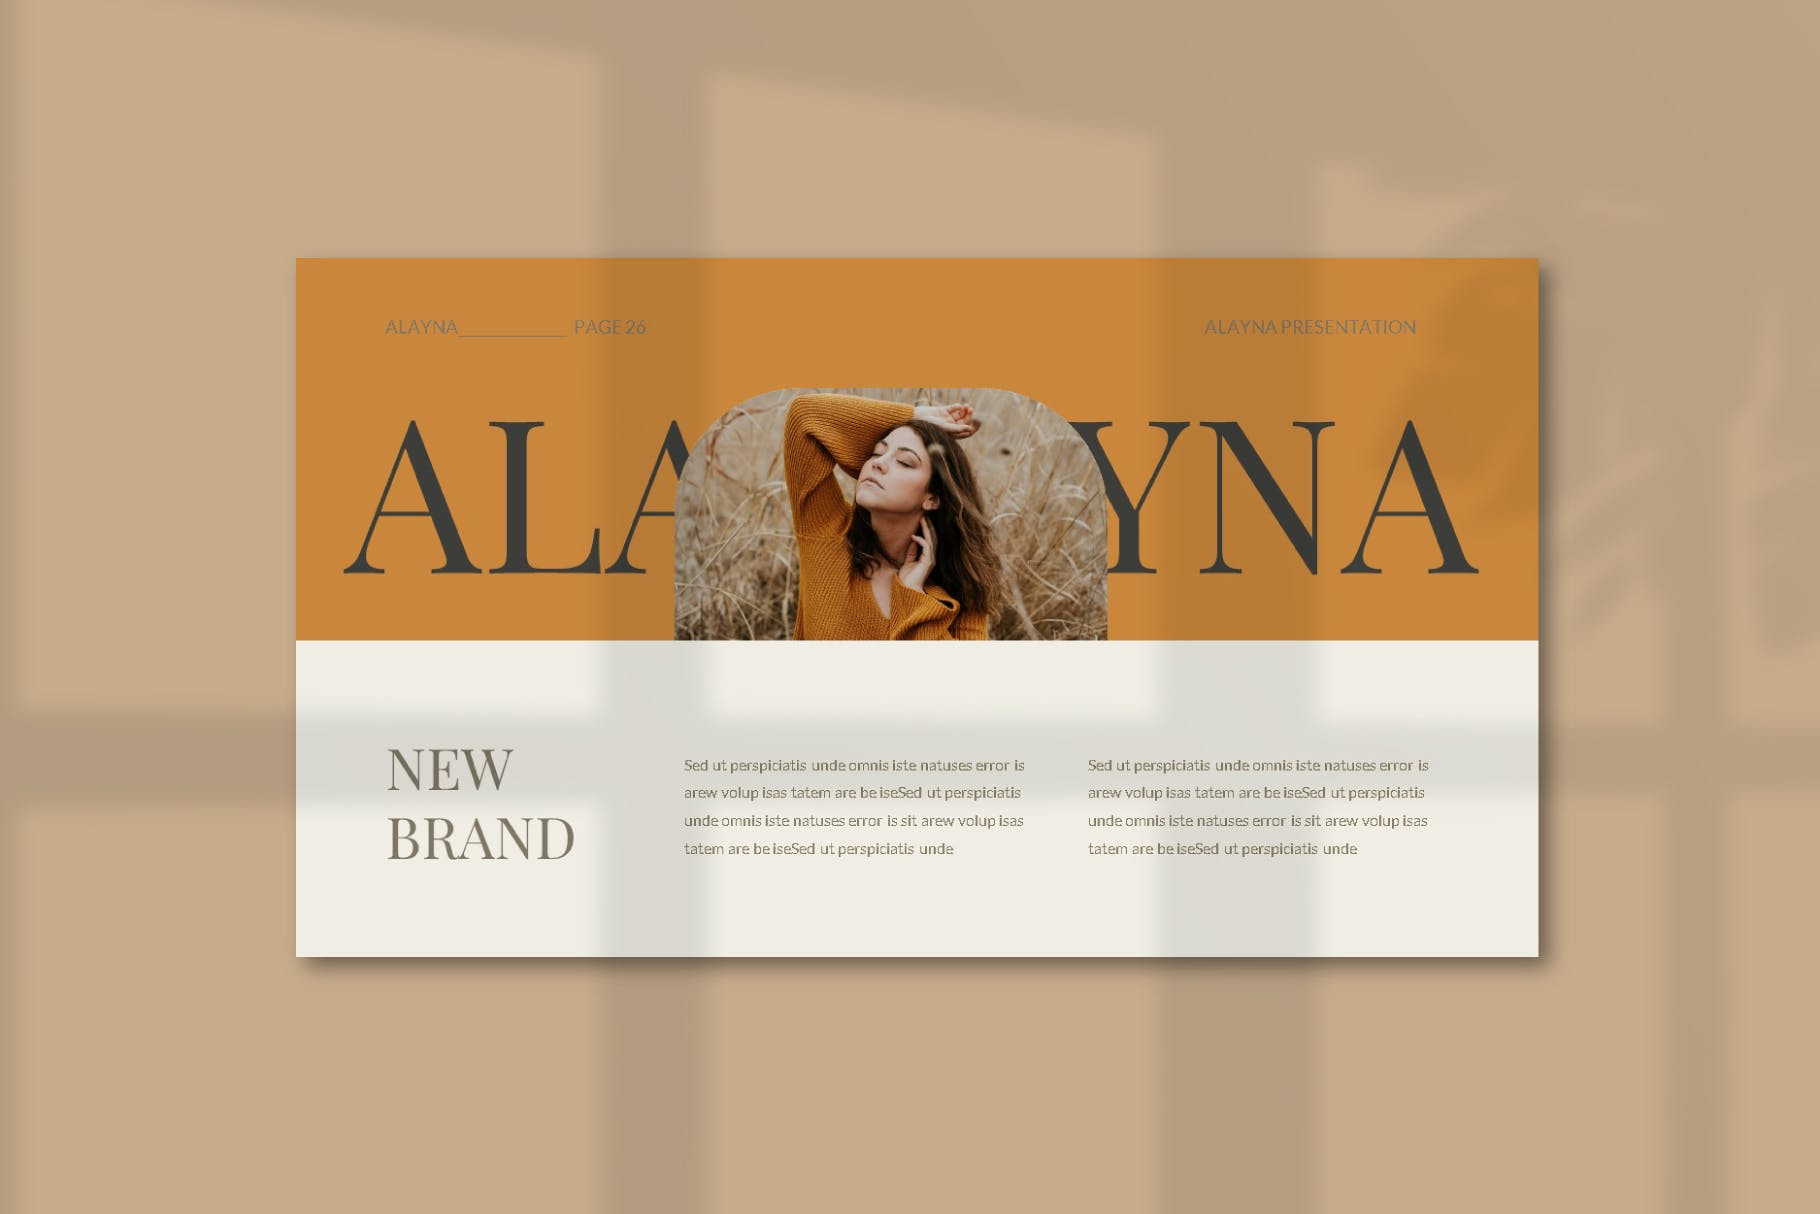 现代极简主义优雅轻奢品牌推广PPT演示文稿模板素材 Alayna – Powerpoint Template插图(9)